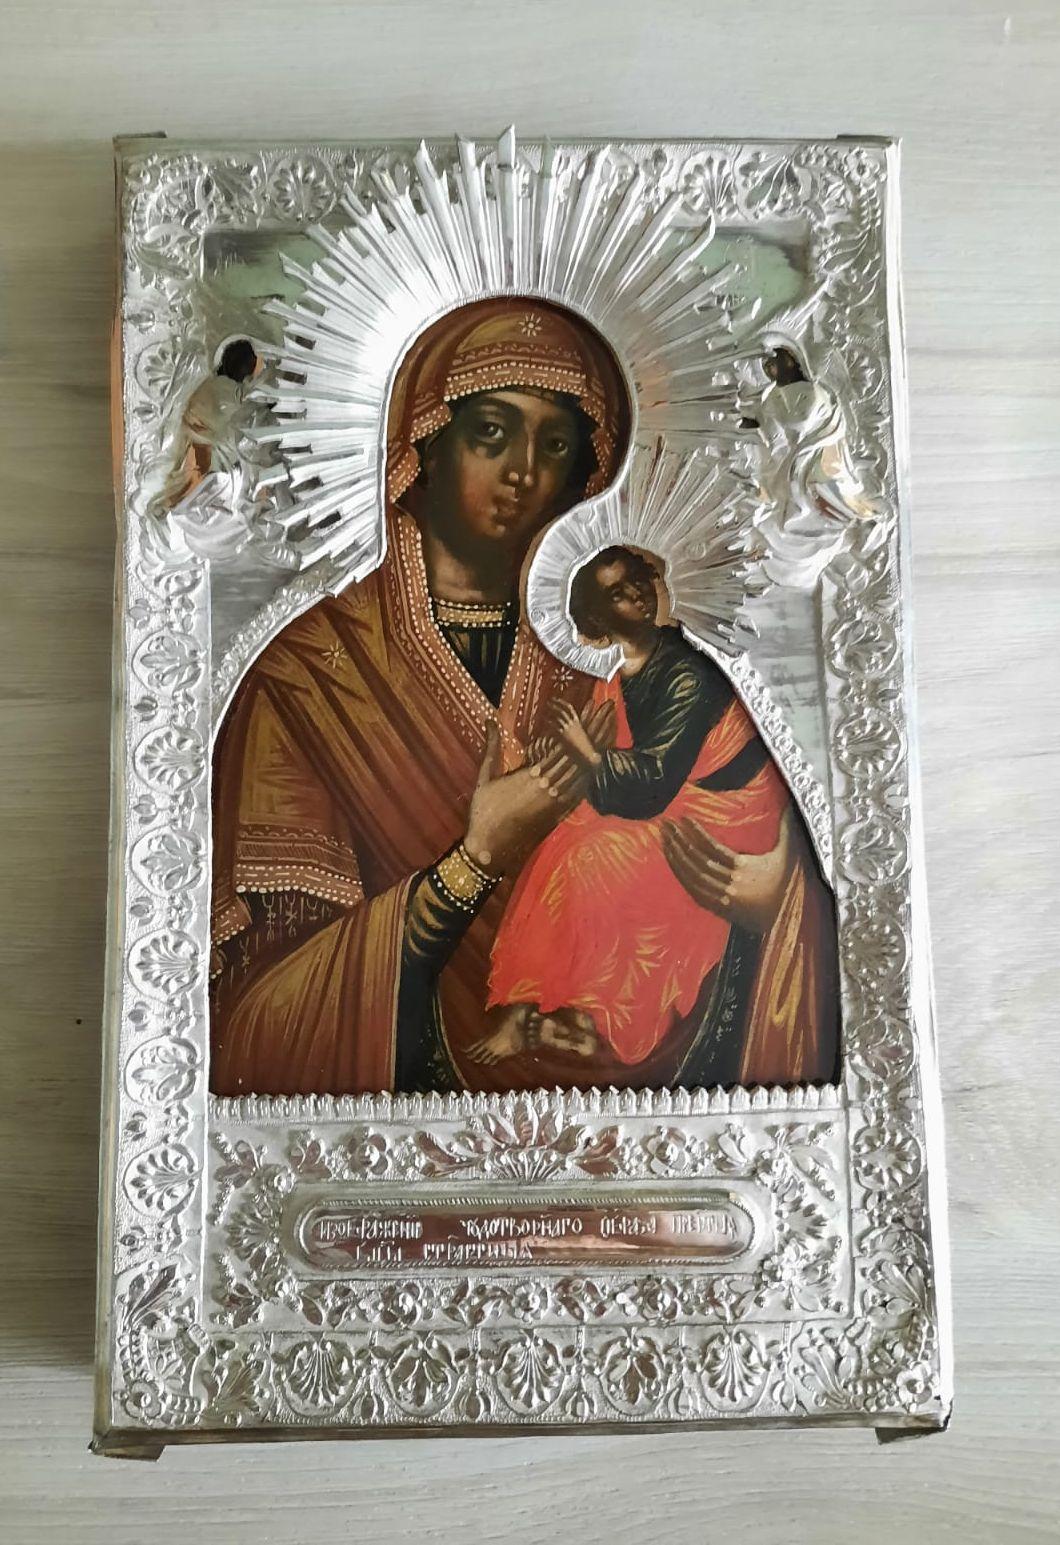 Реставрация оклада иконы Божией Матери Страстная